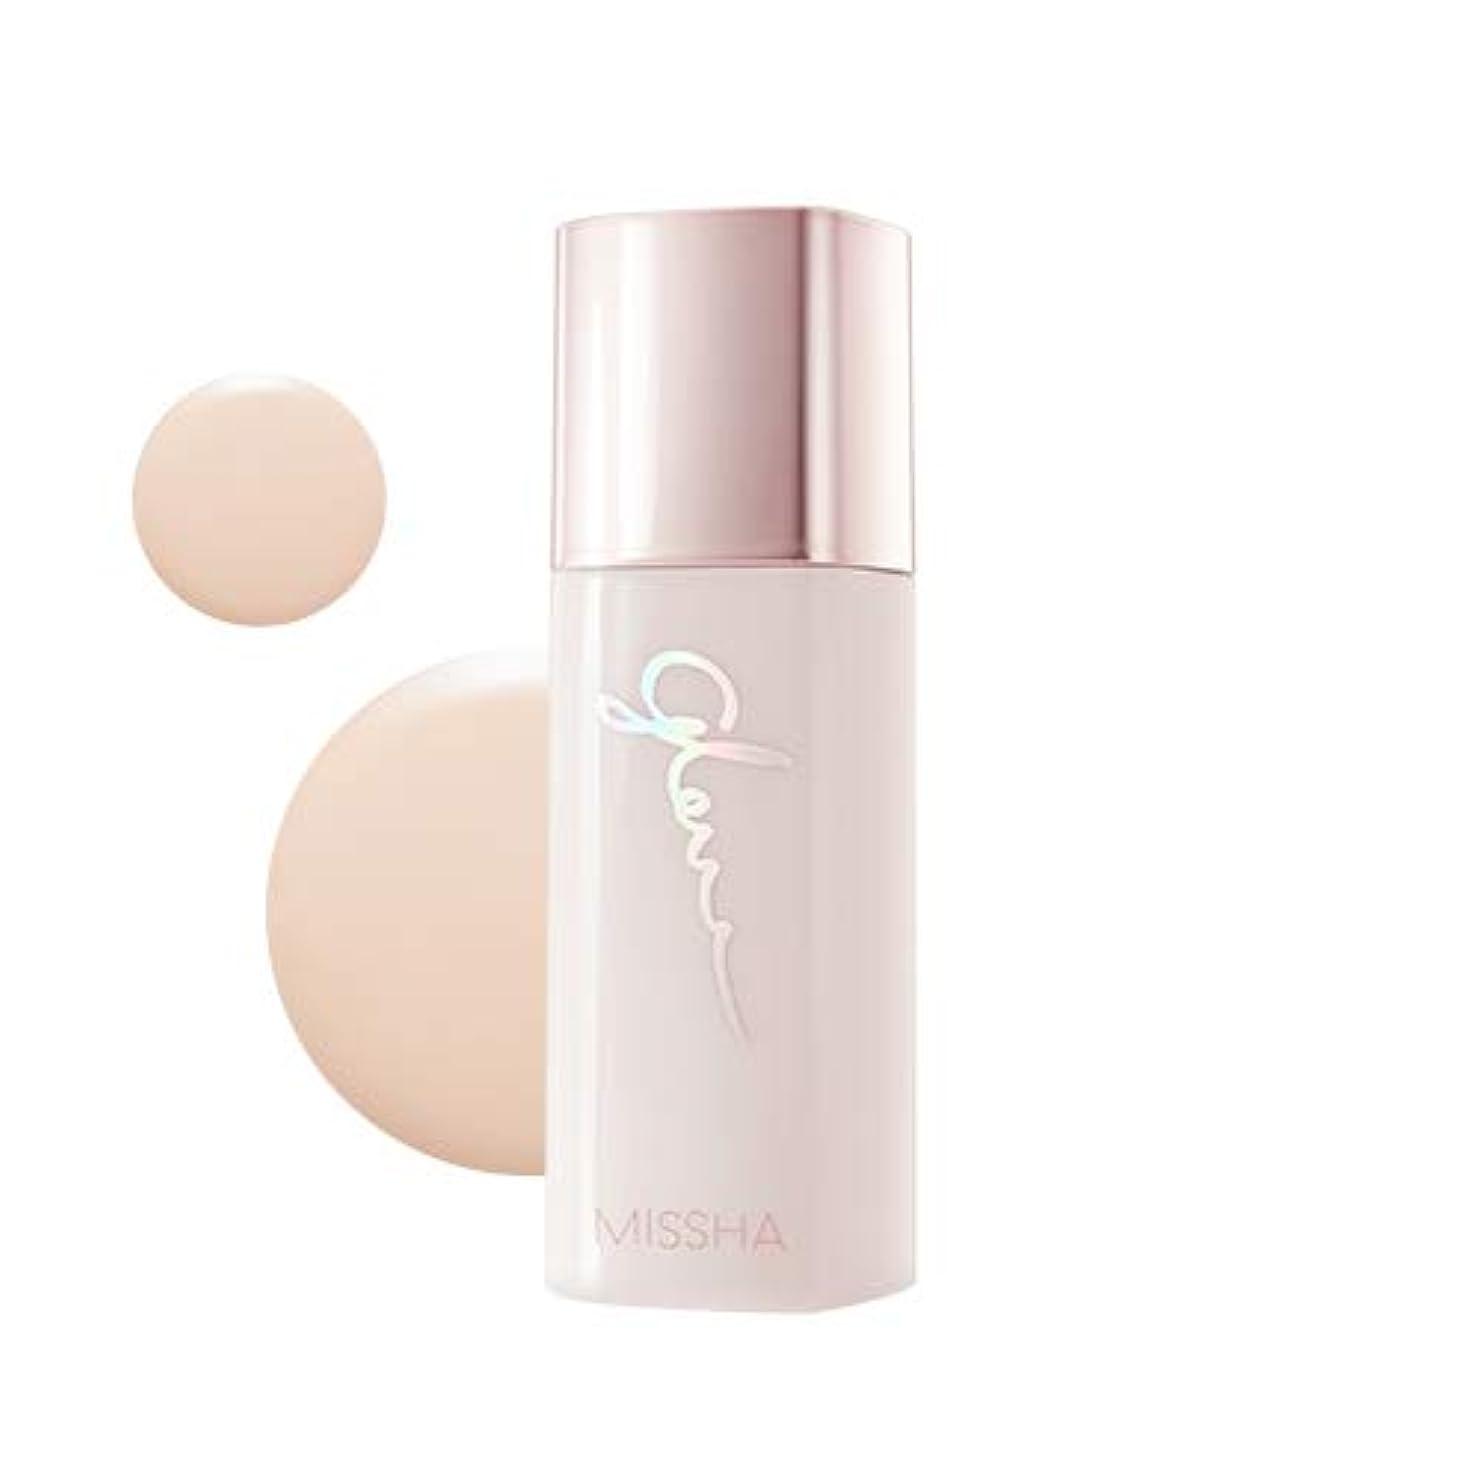 ミシャ グロースキン デーション 35ml / MISSHA Glow Skindation SPF20/PA++ #Vanilla [並行輸入品]